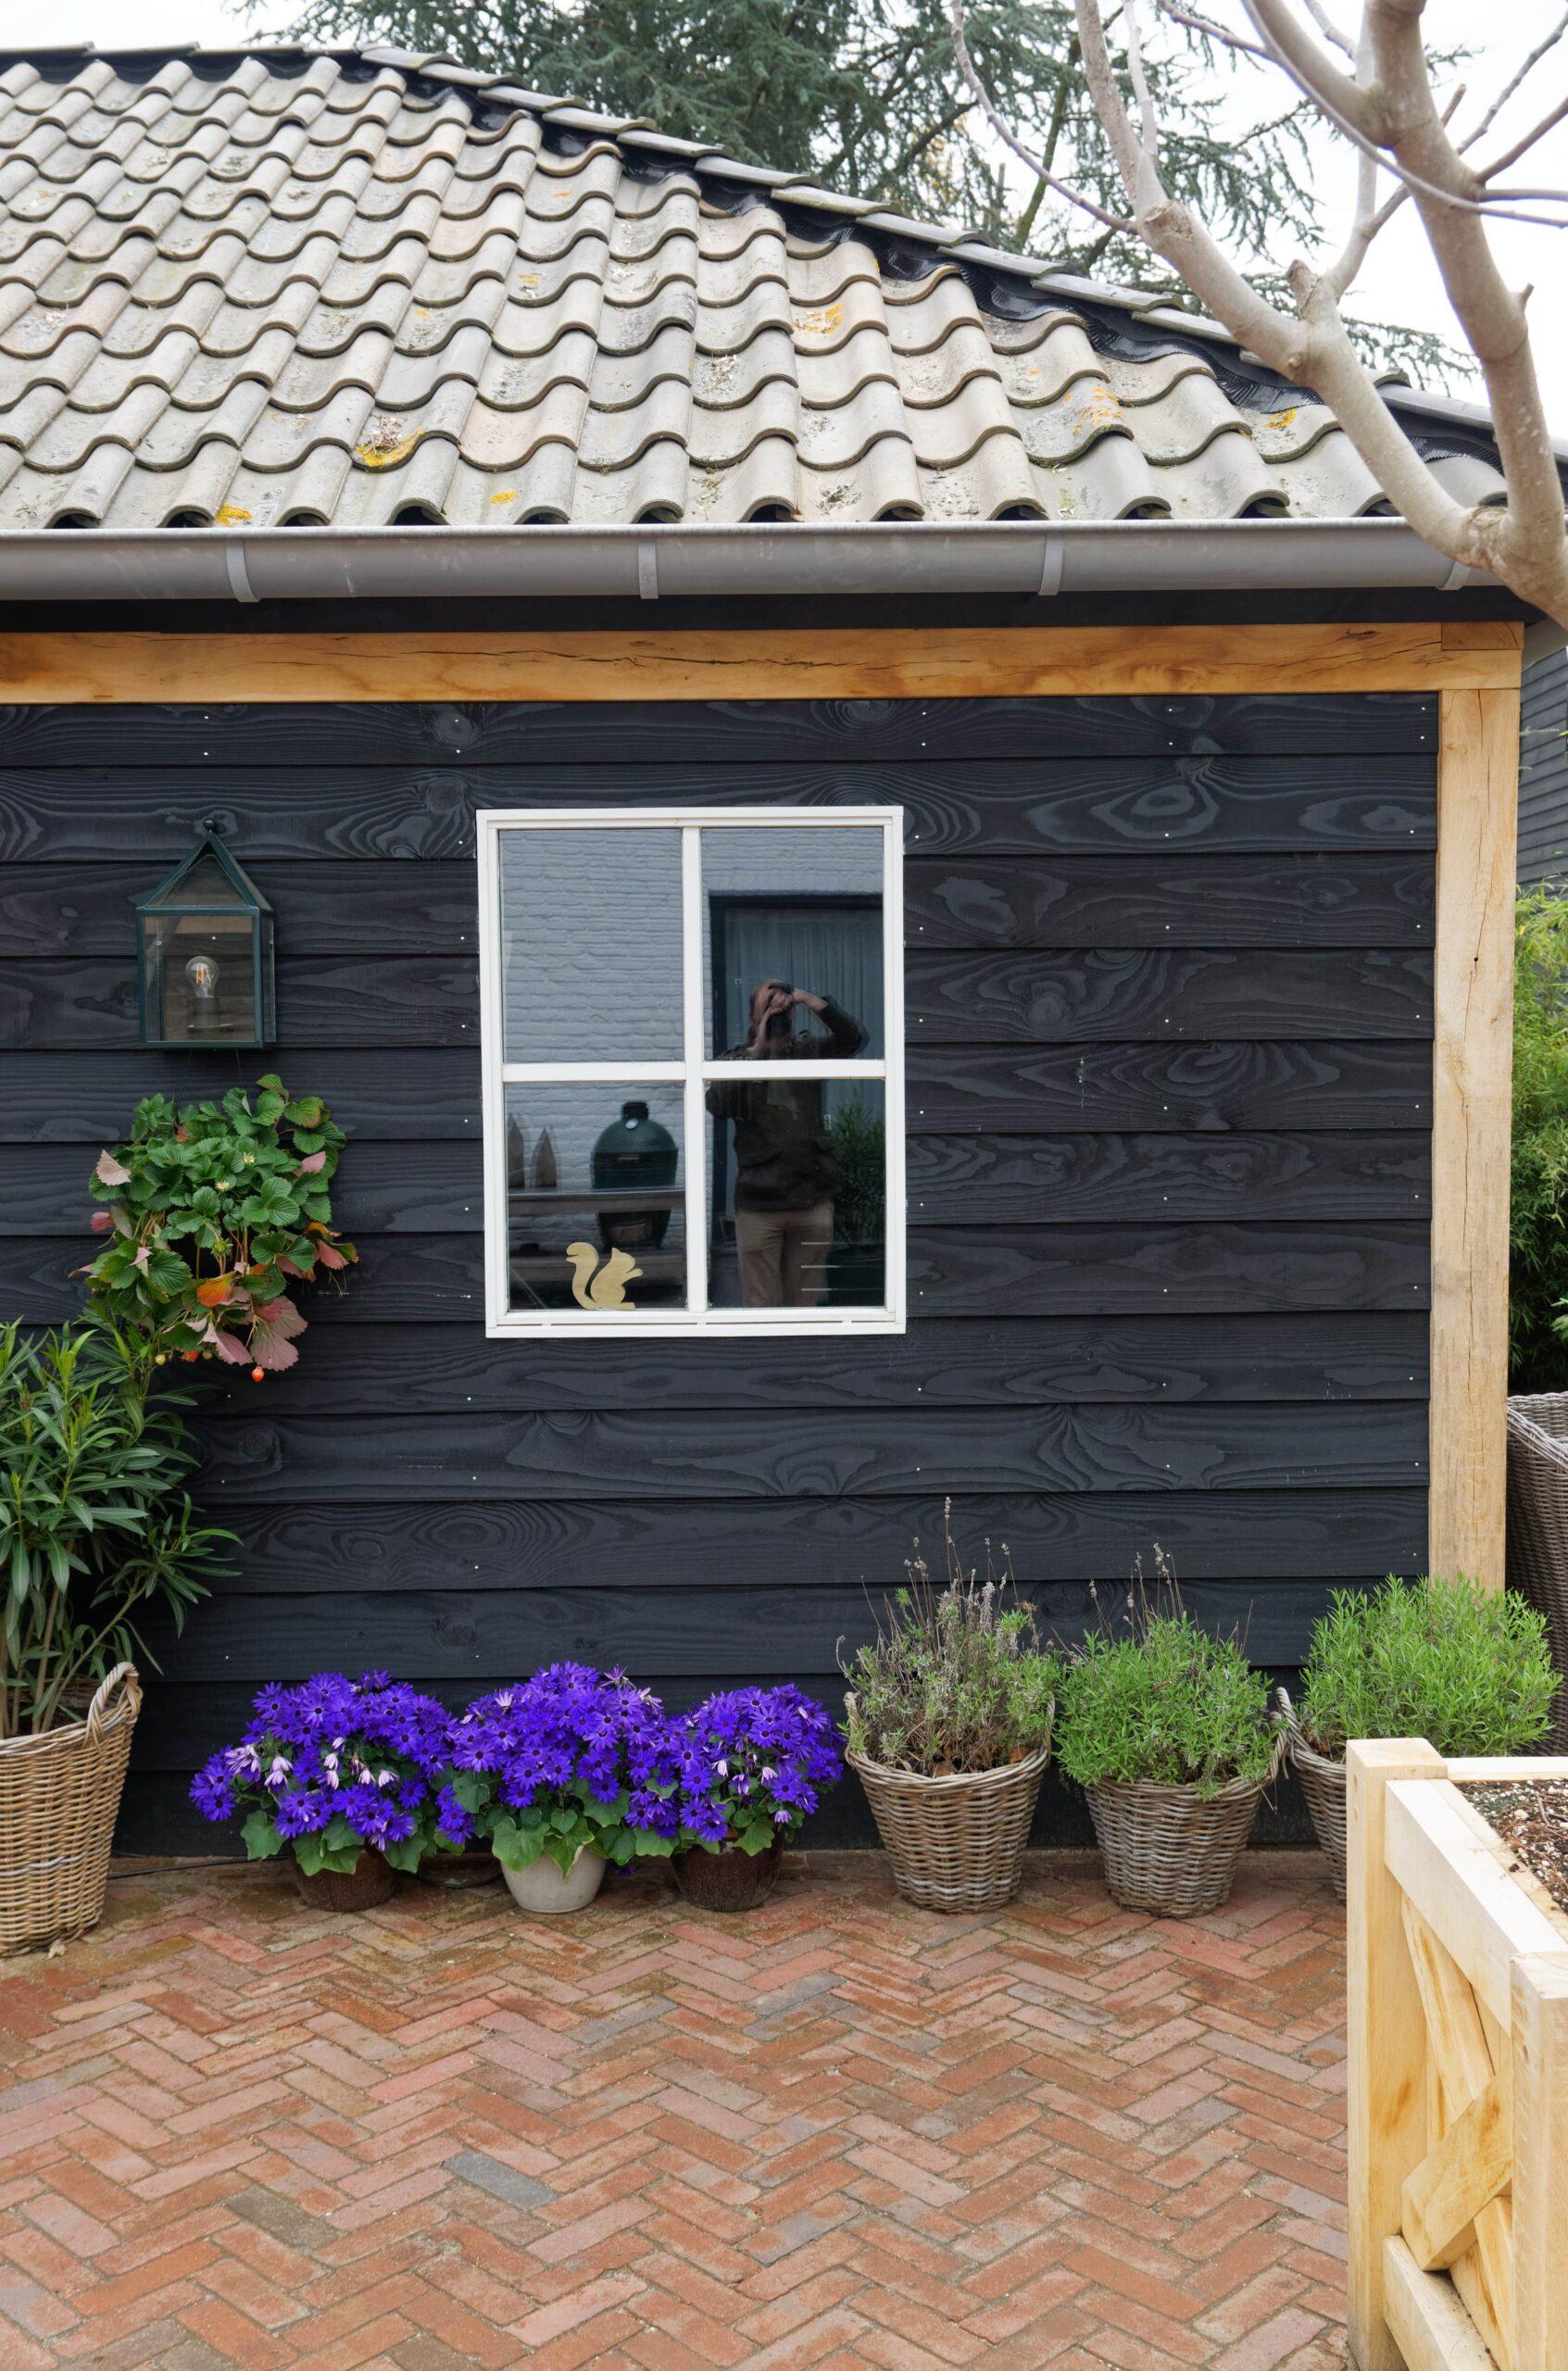 Eiken-bijgebouw-5-scaled - Project Laren: Houten schuur met sauna en tuinkamer